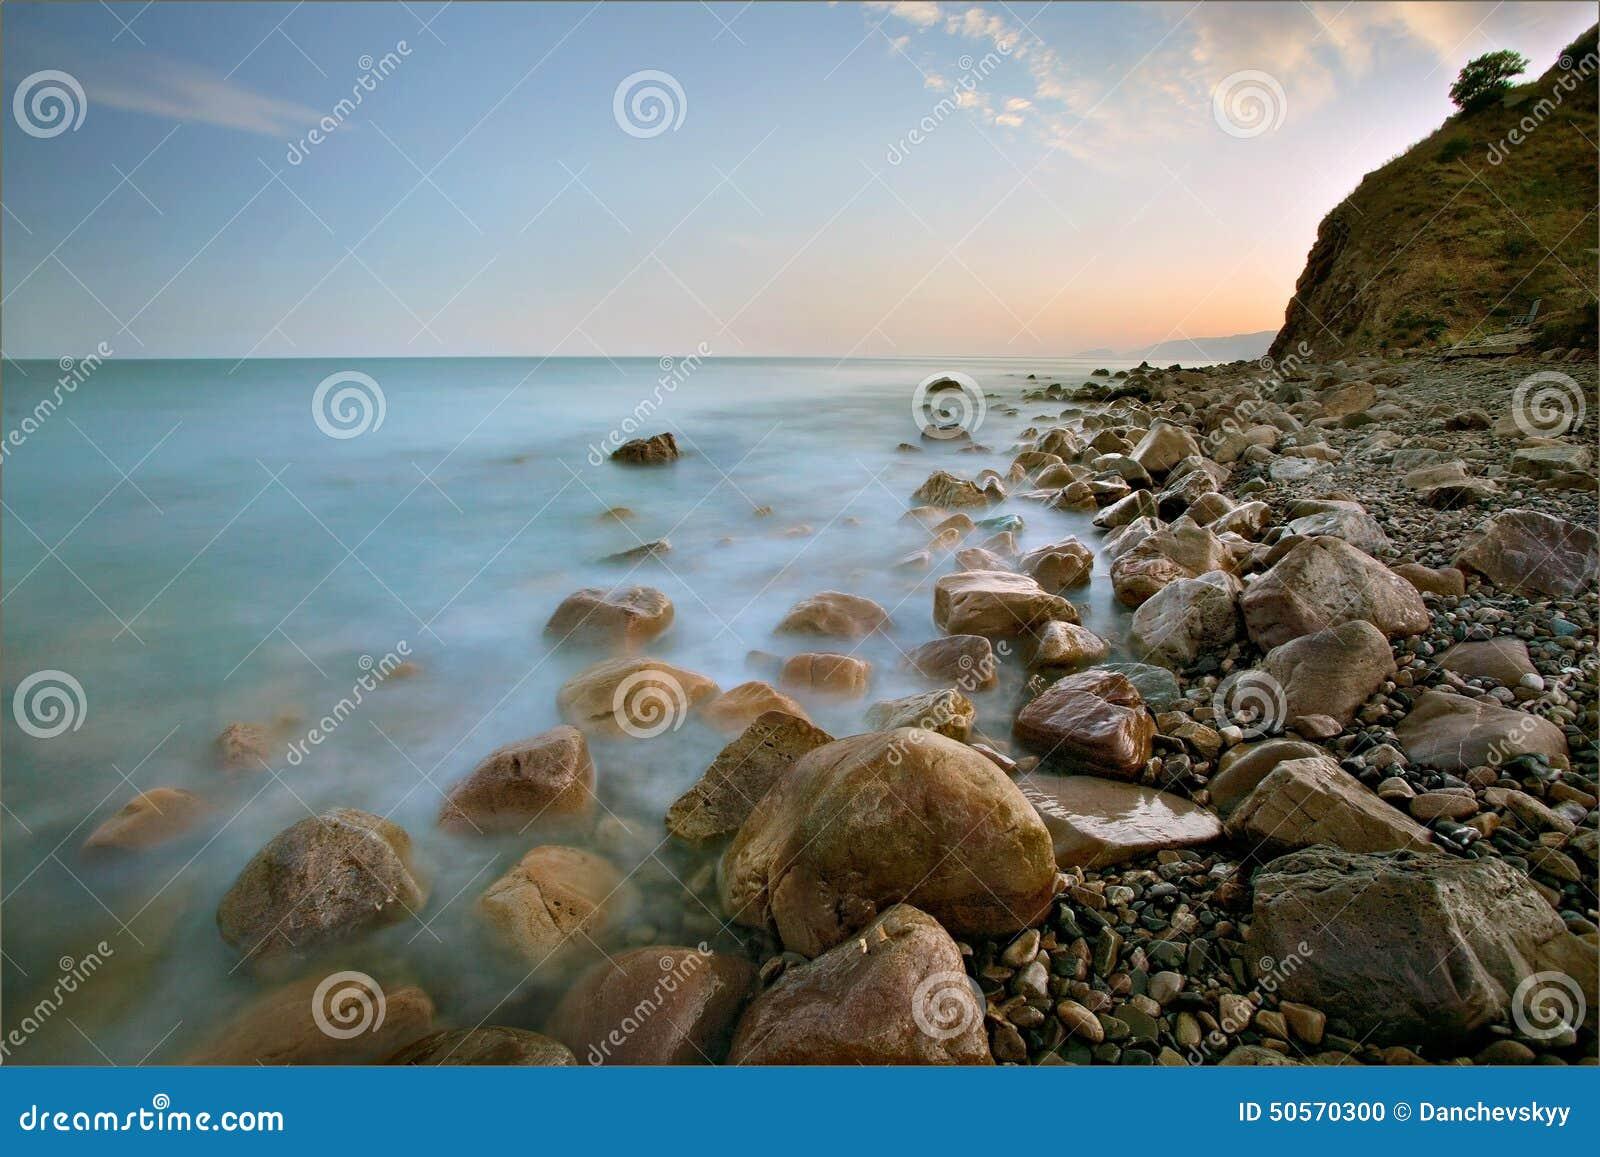 Beaches, landscapes